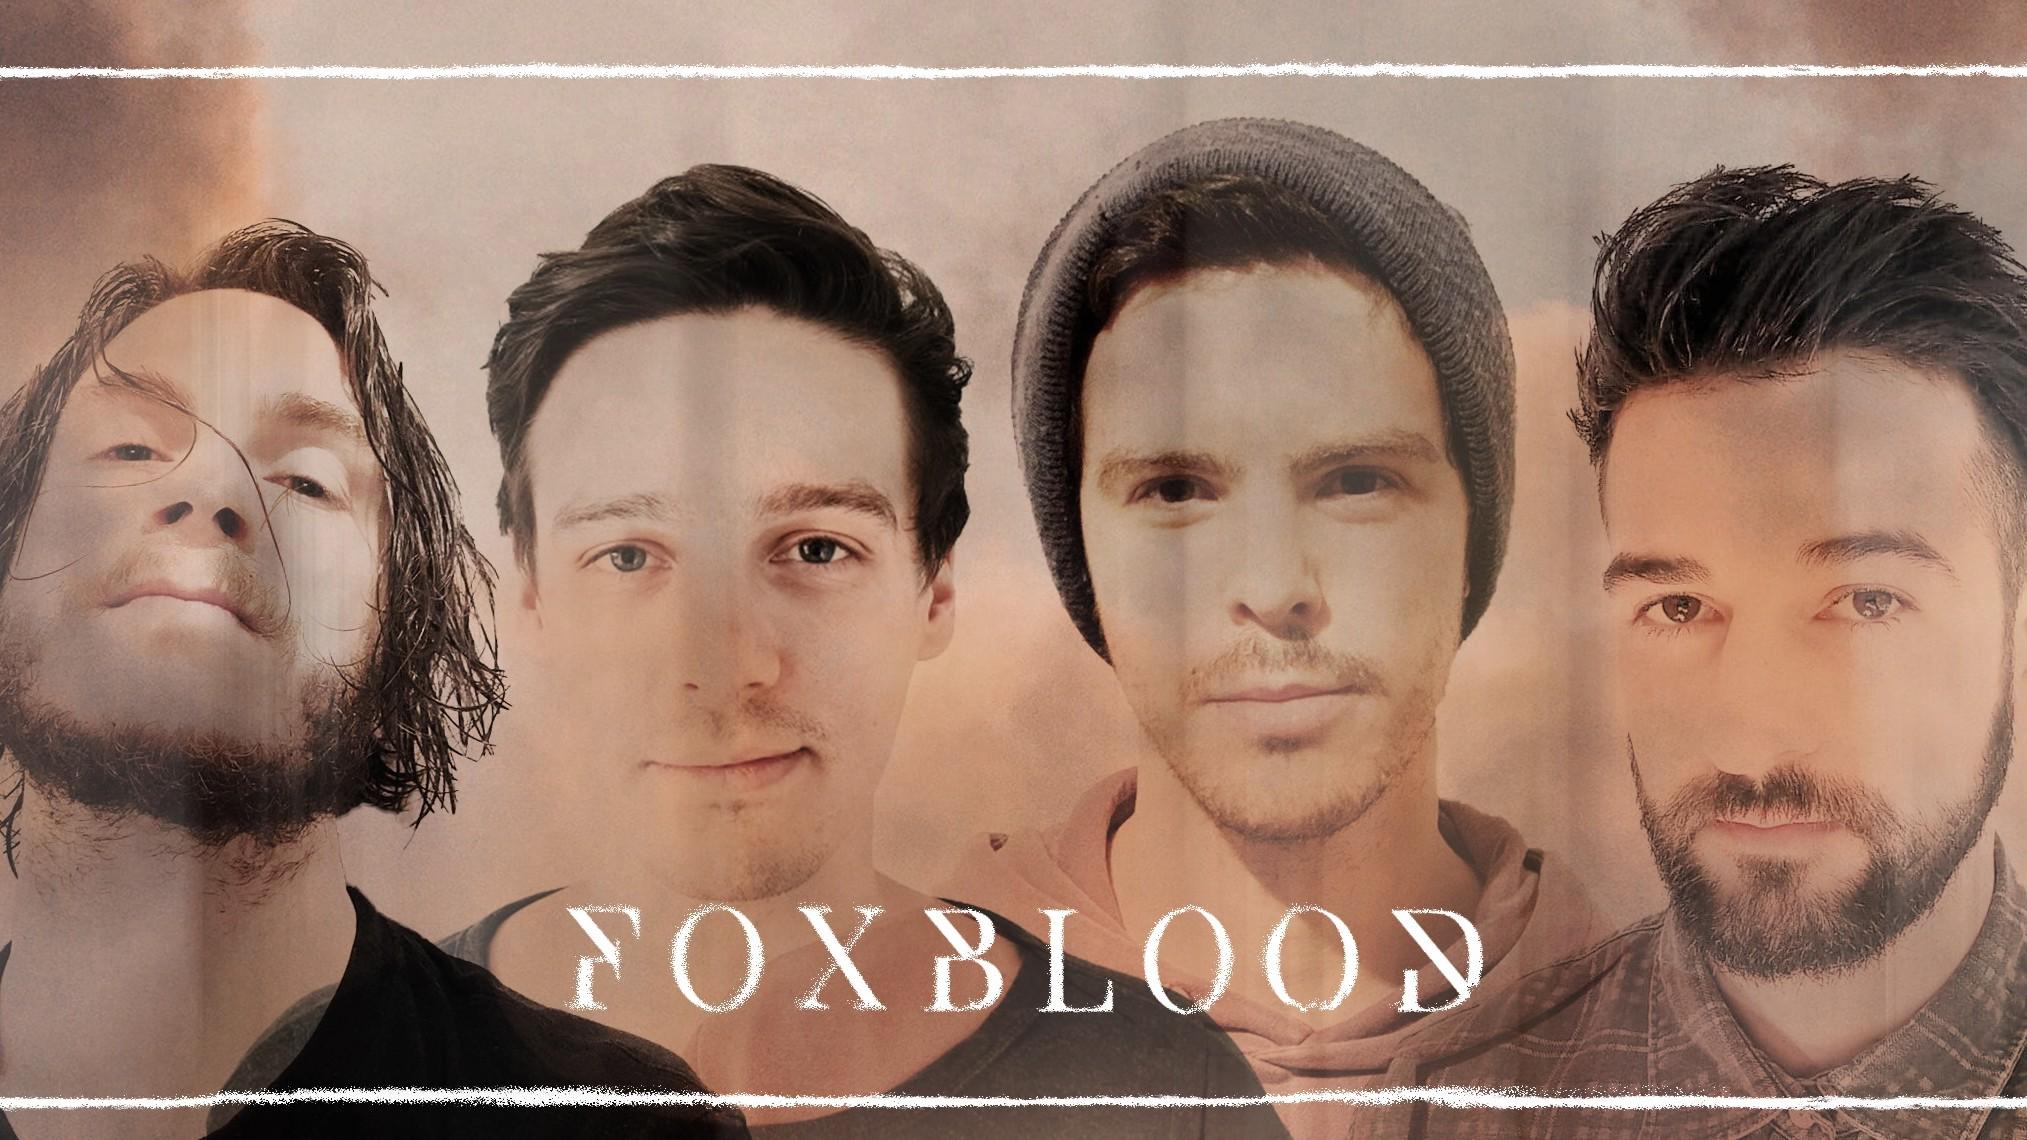 Foxblood